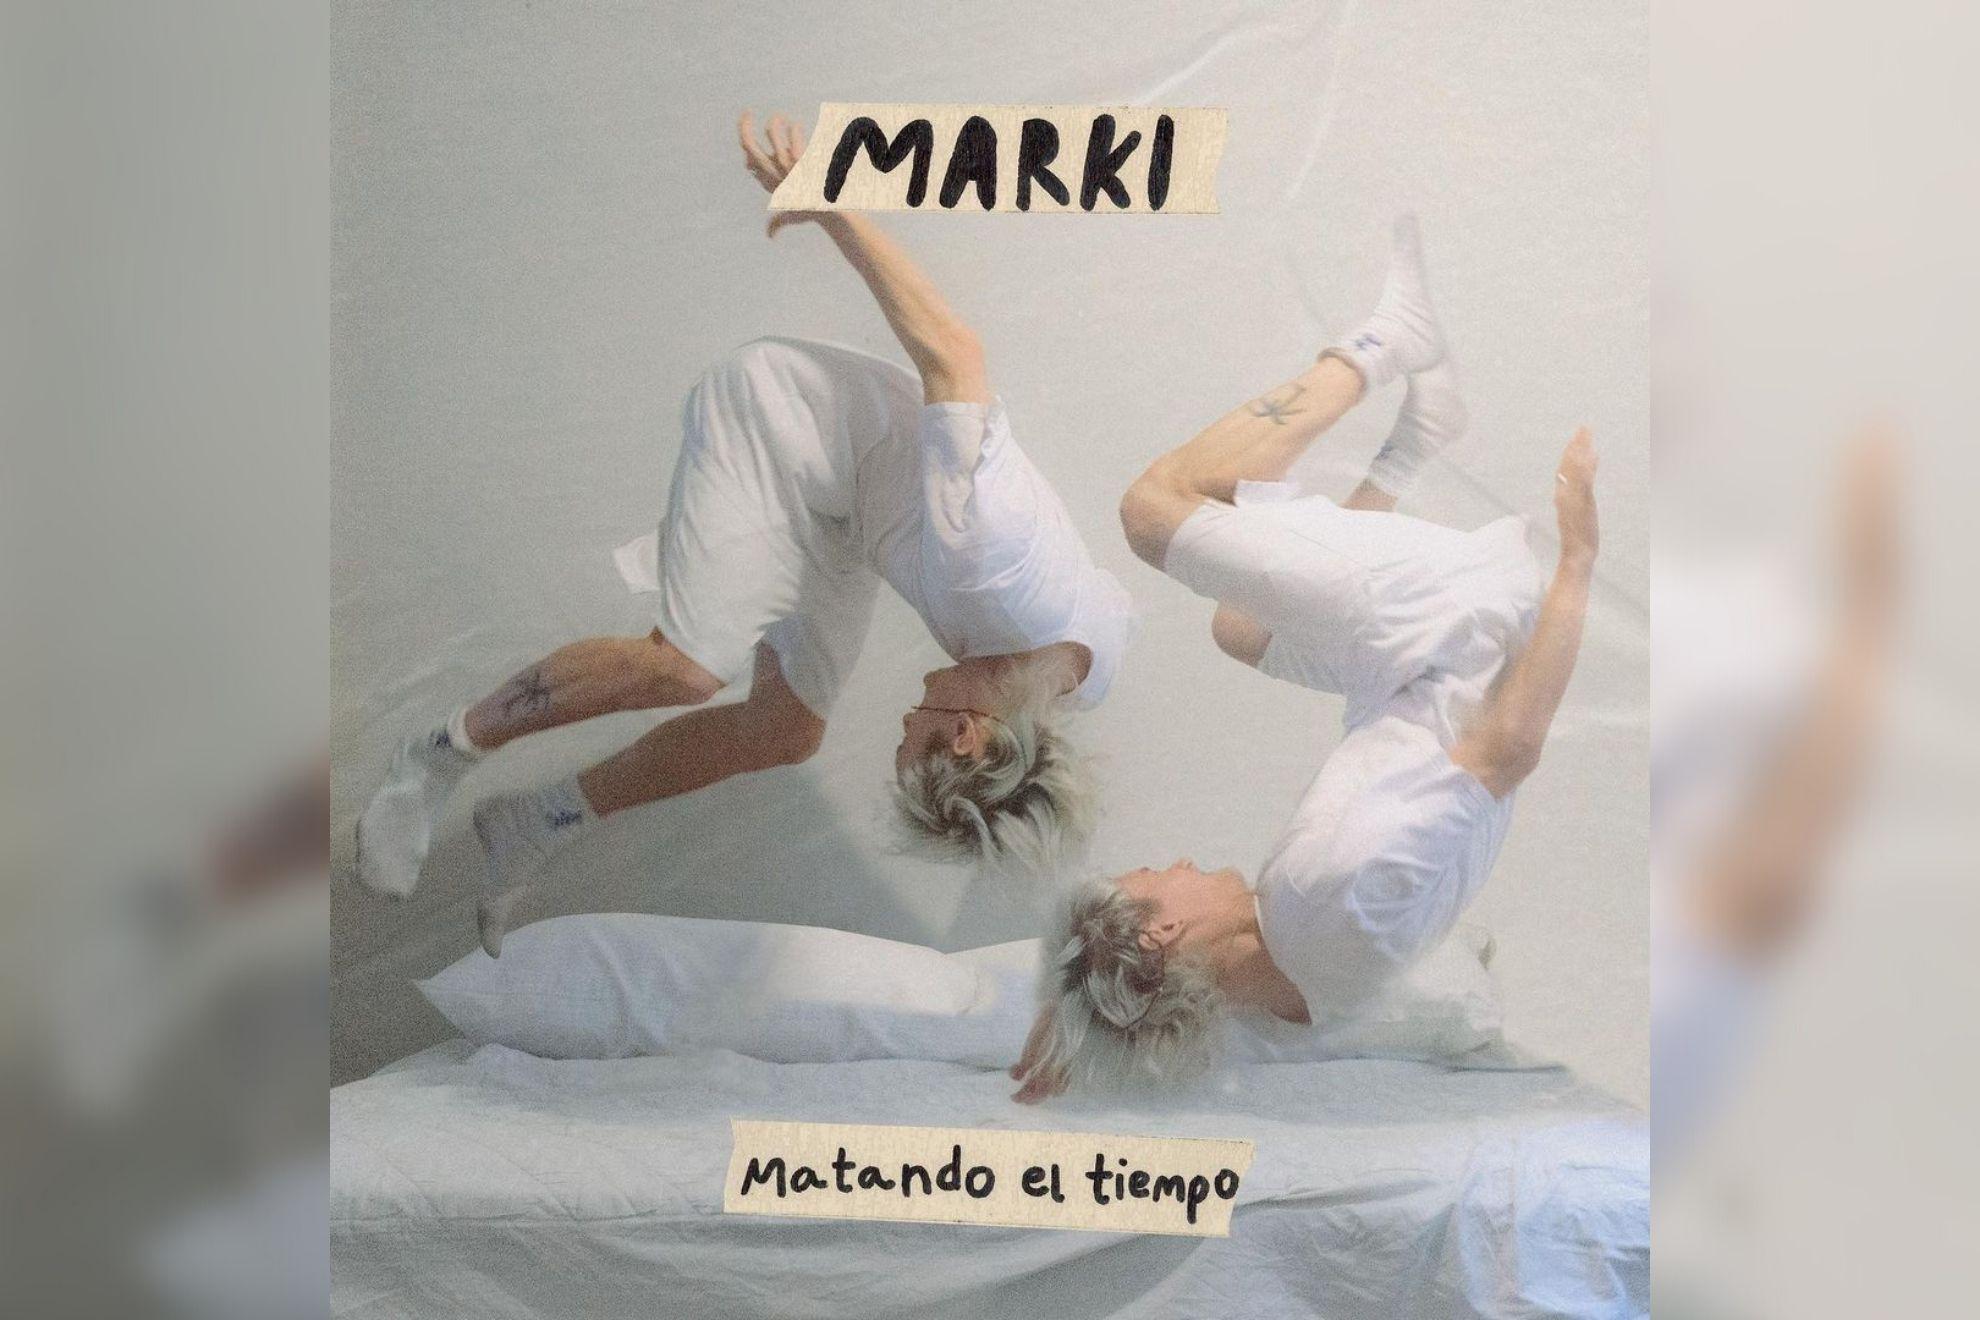 Marki, el amor y la música para matar el tiempo